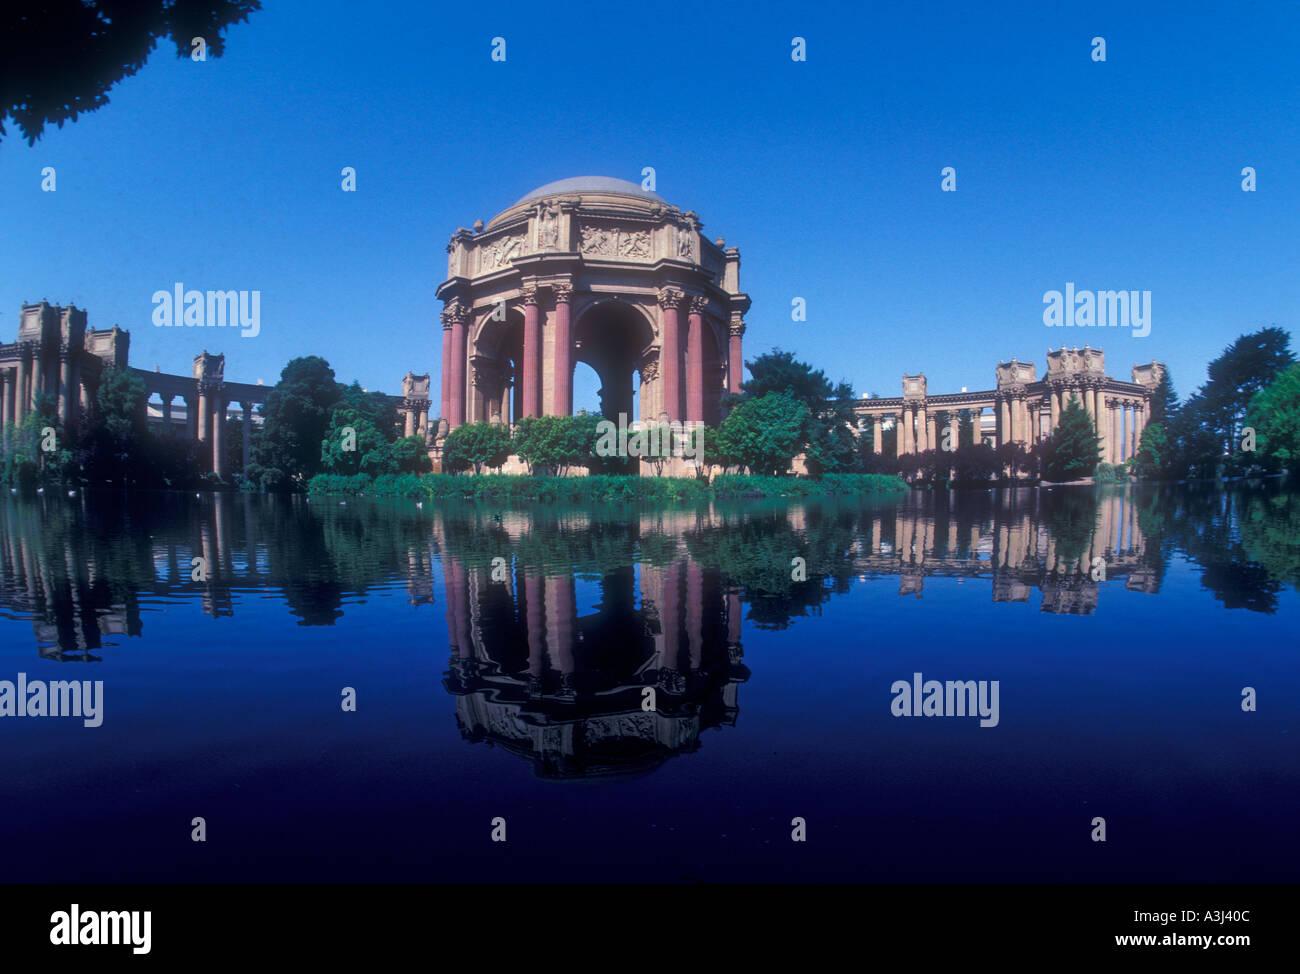 Der Palast der schönen Künste San Francisco Kalifornien, USA Stockbild